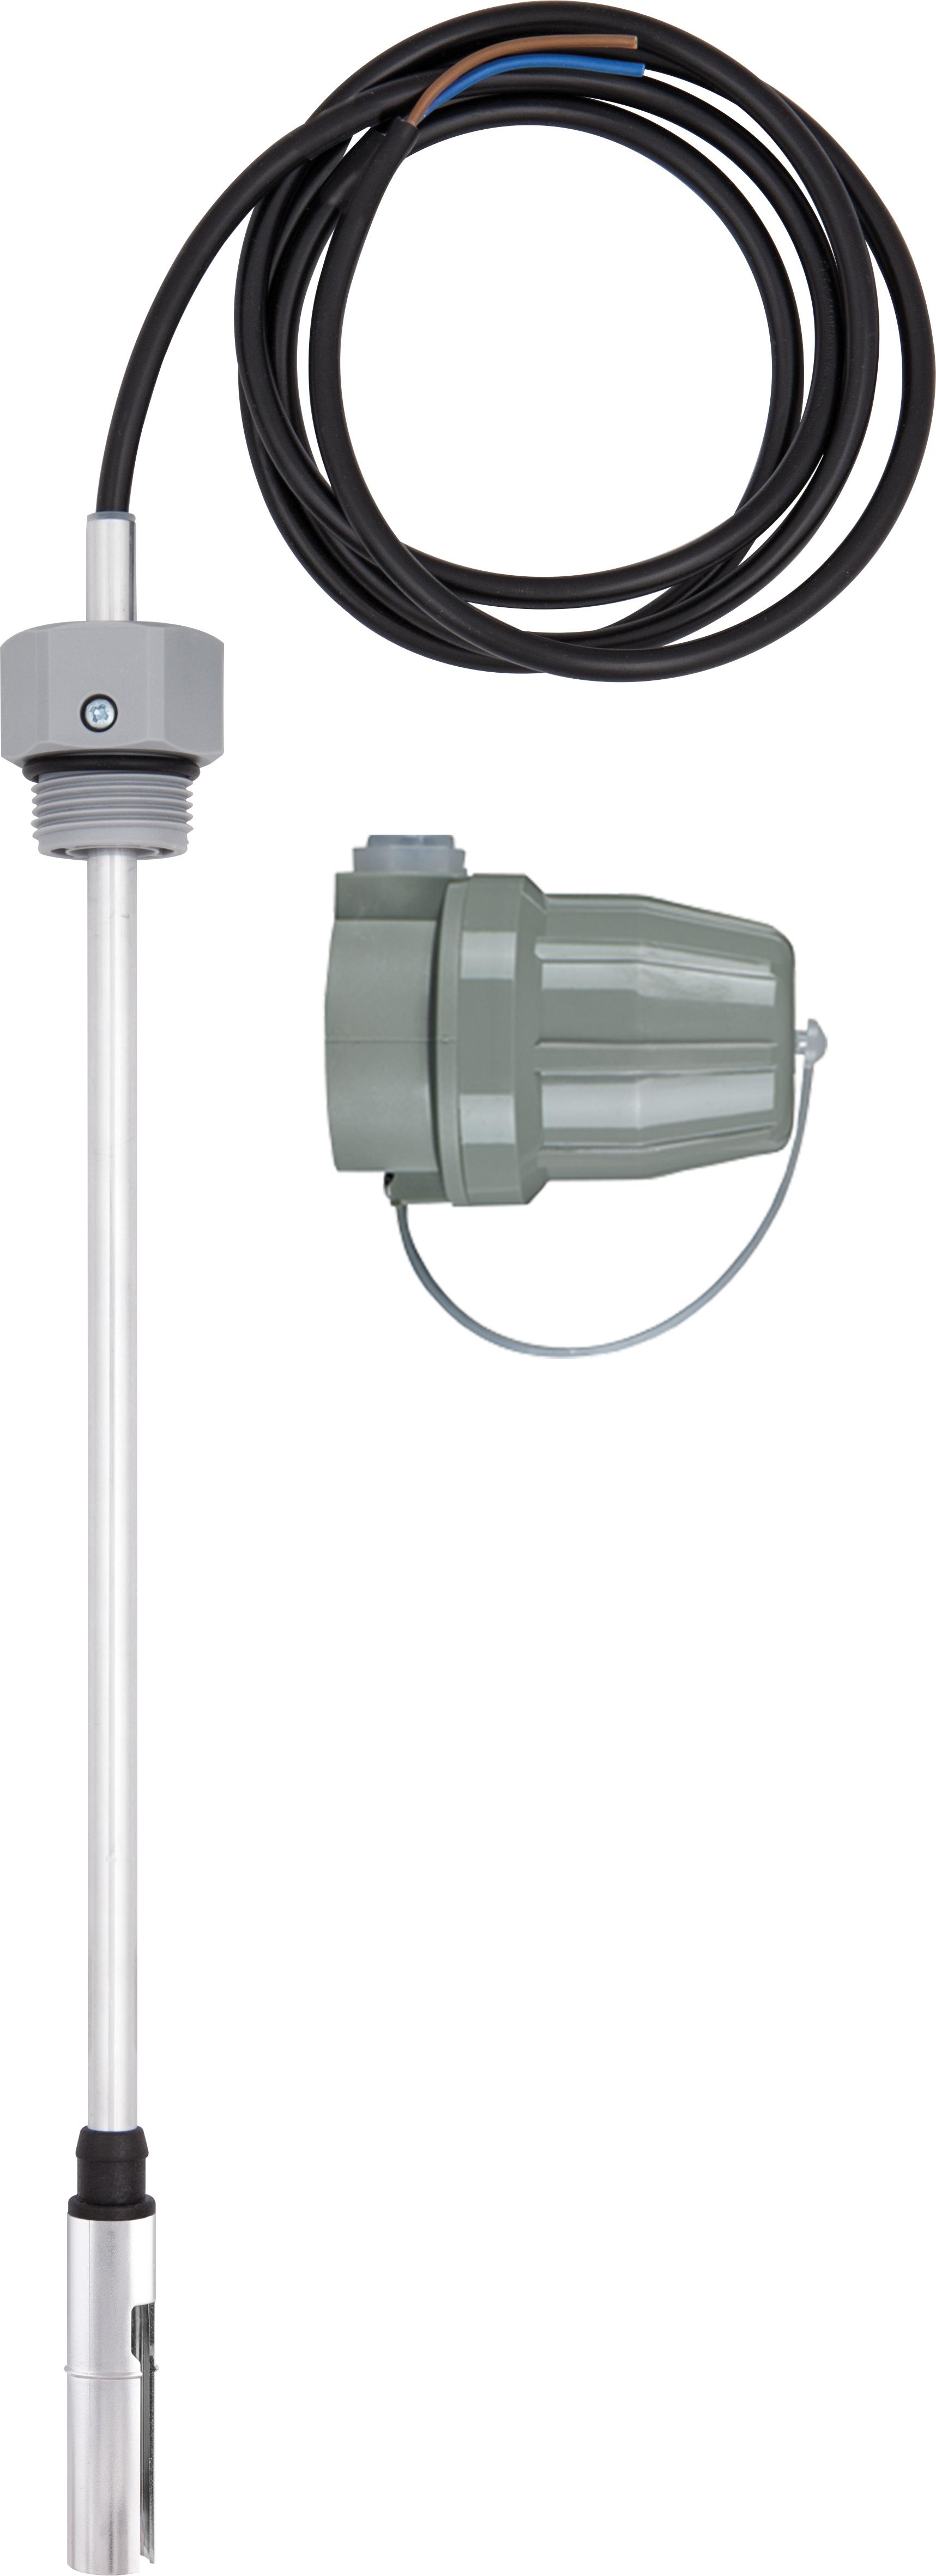 """Termistorowy czujnik wartości granicznej GWG 12 K/1, 480 mm, G1"""", kabel 1,6 m, wtyczka szara"""